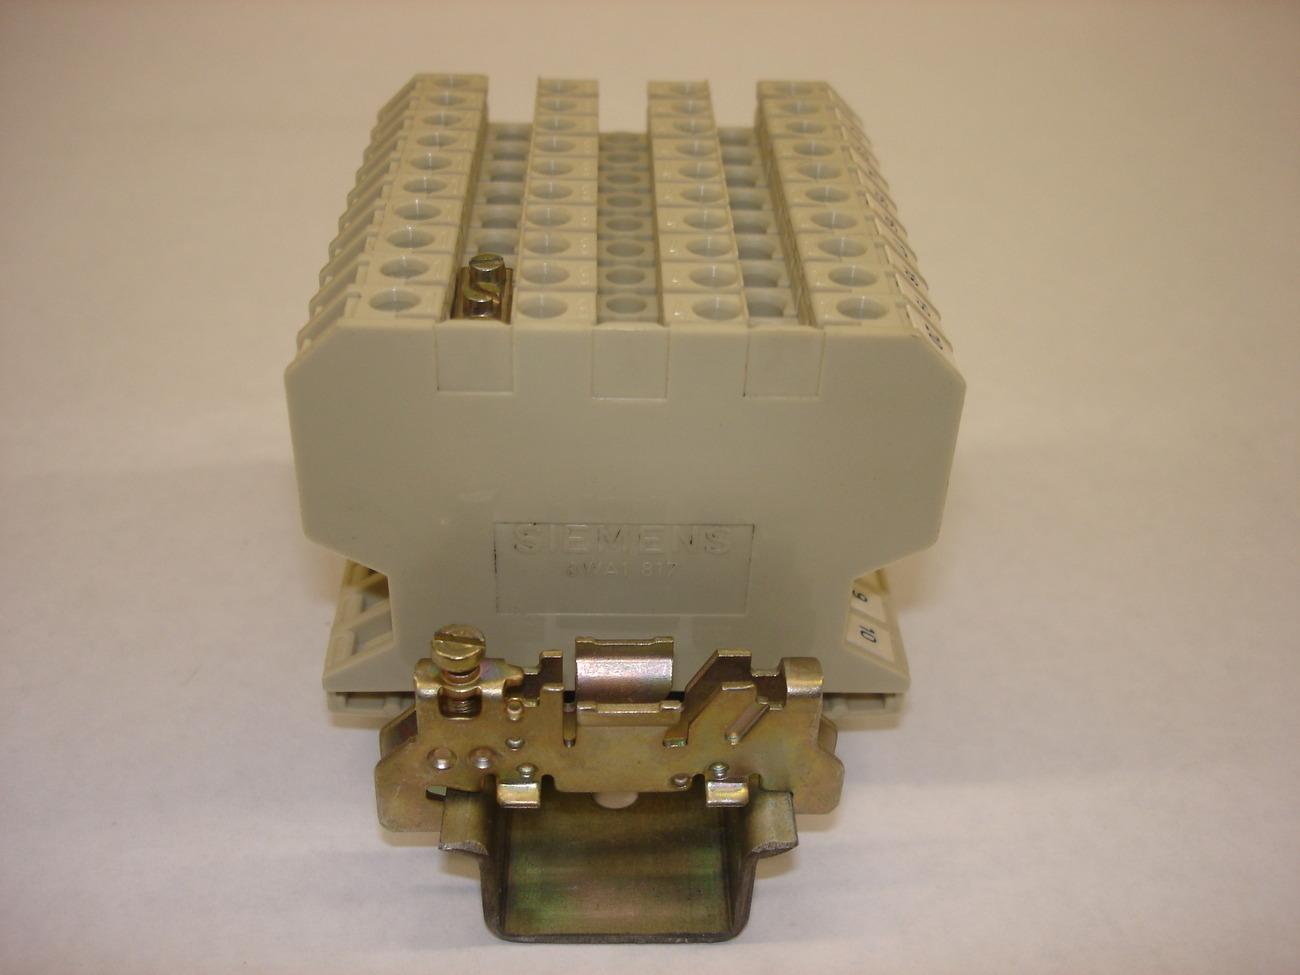 Siemens 2-Tier Terminal Block 8WA1011-2DG11